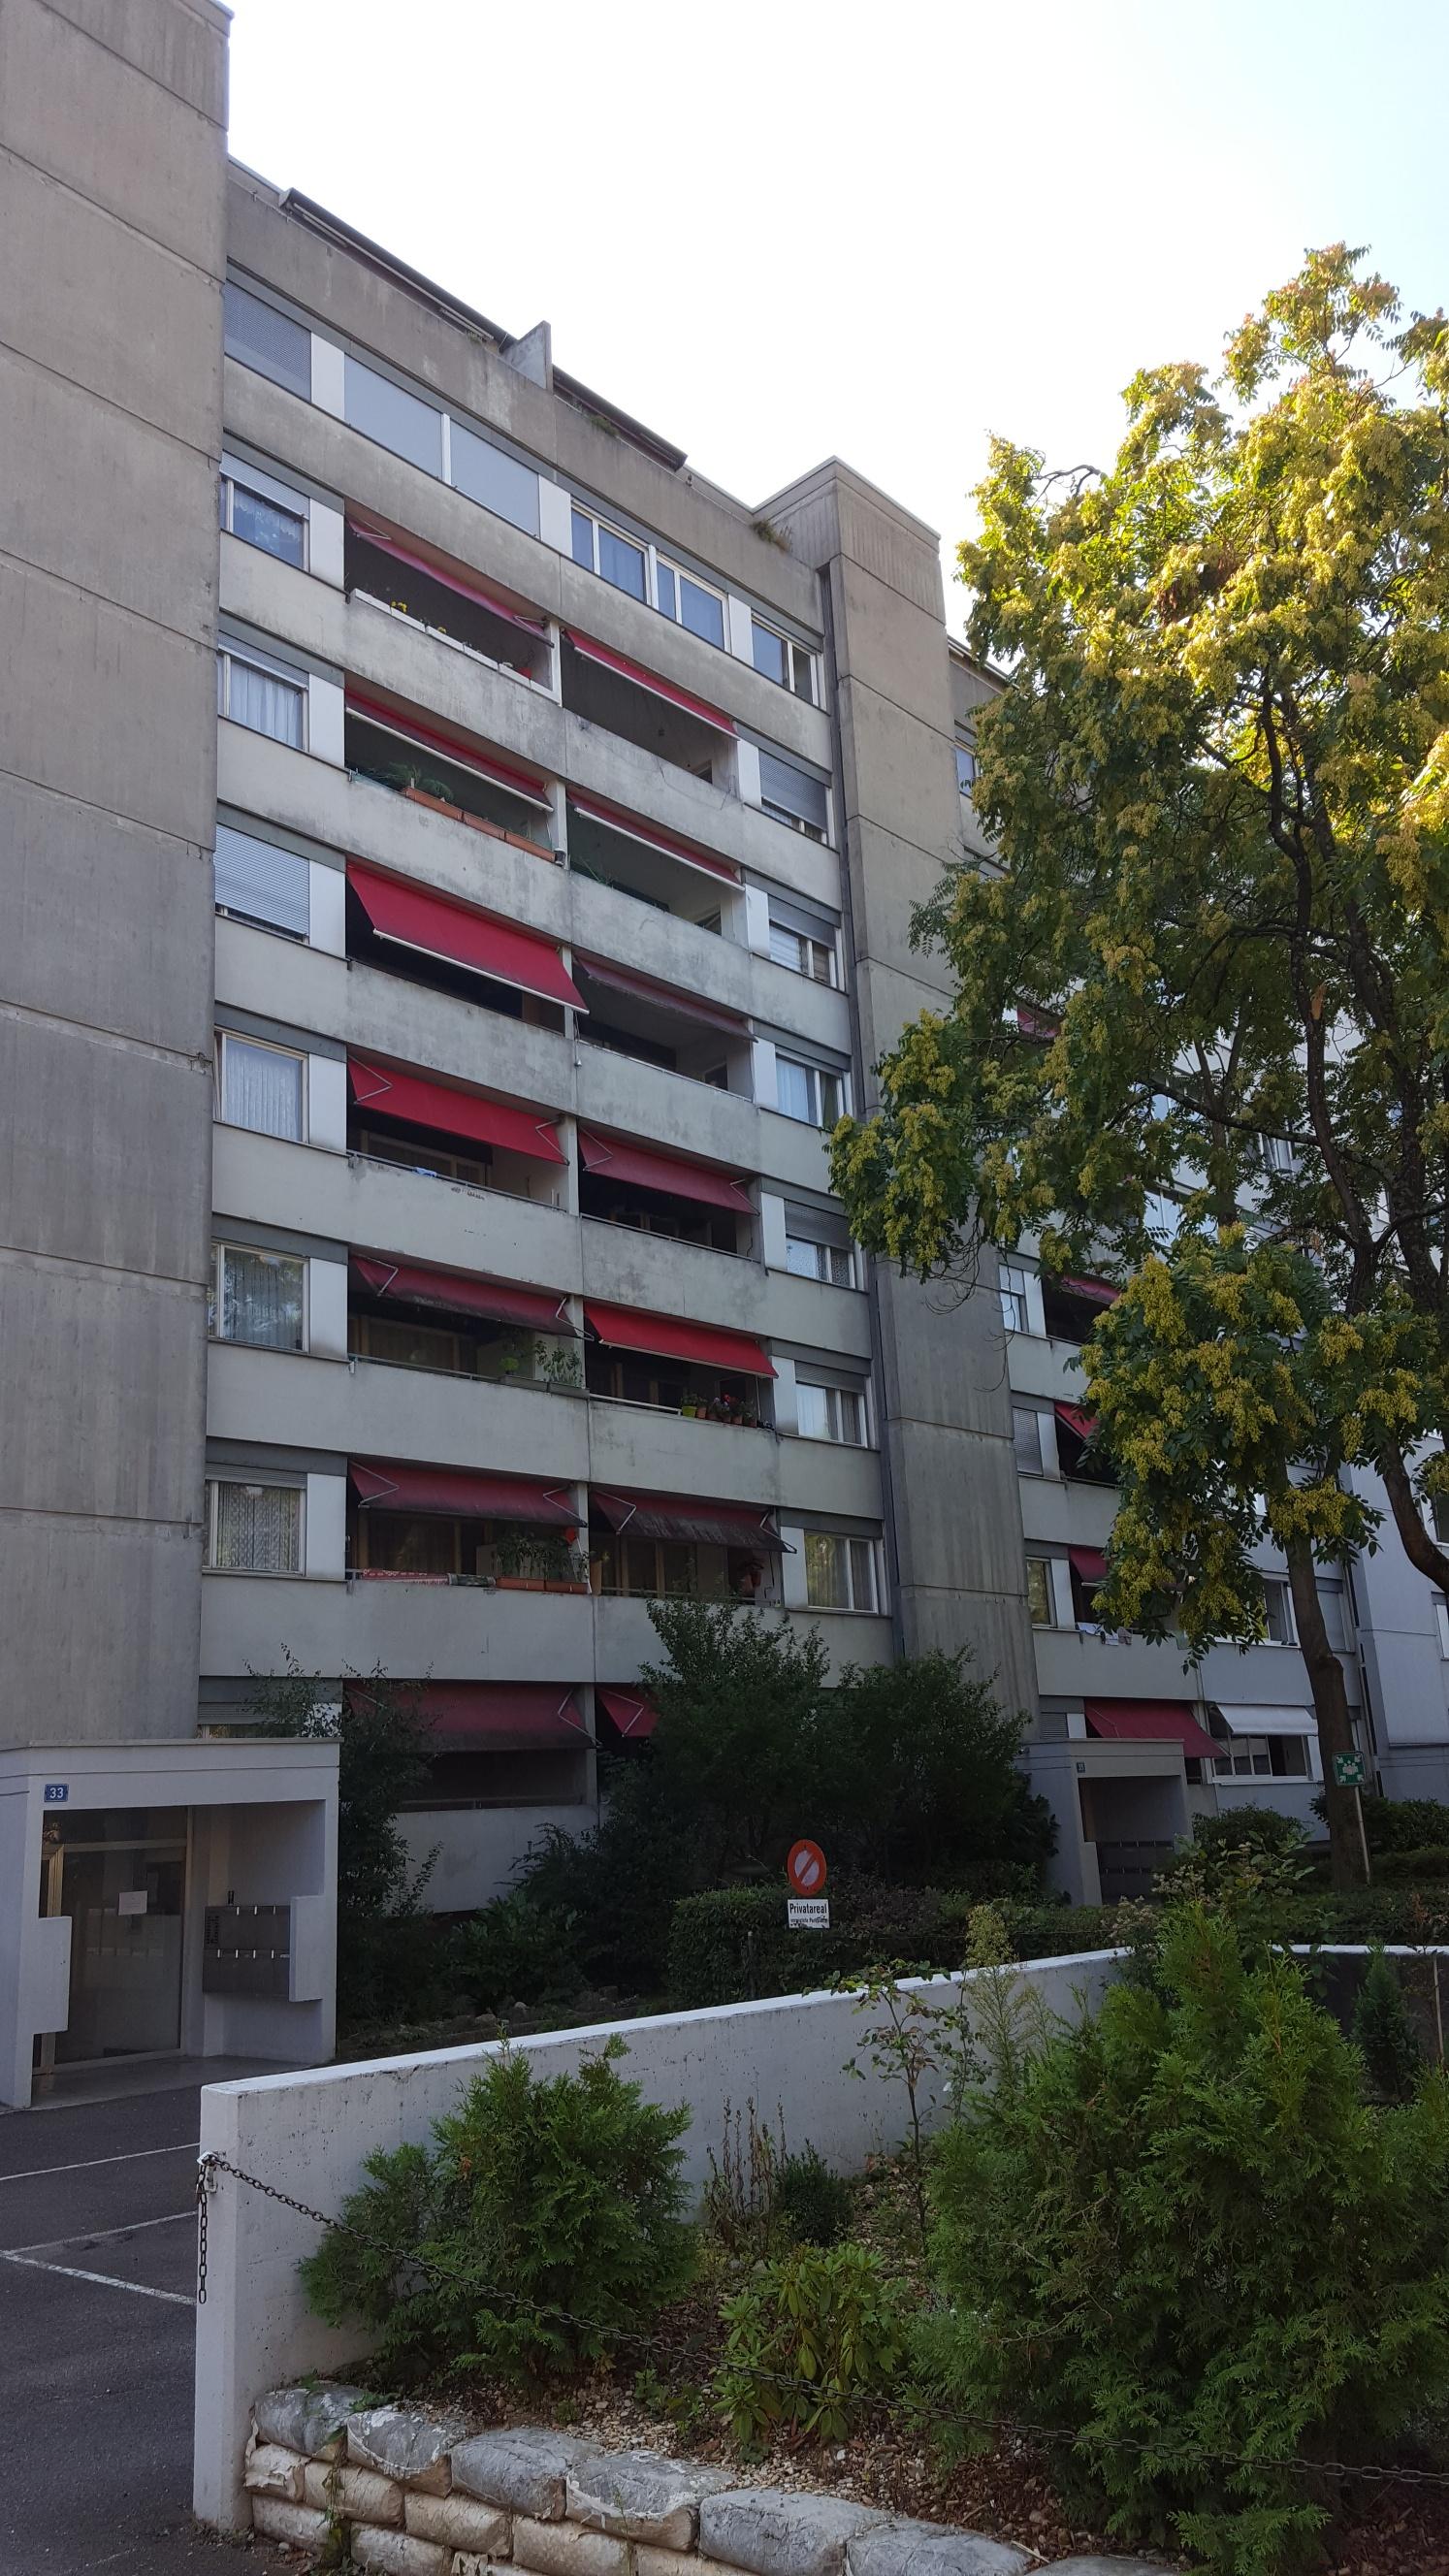 Kaysersbergerstrasse 33